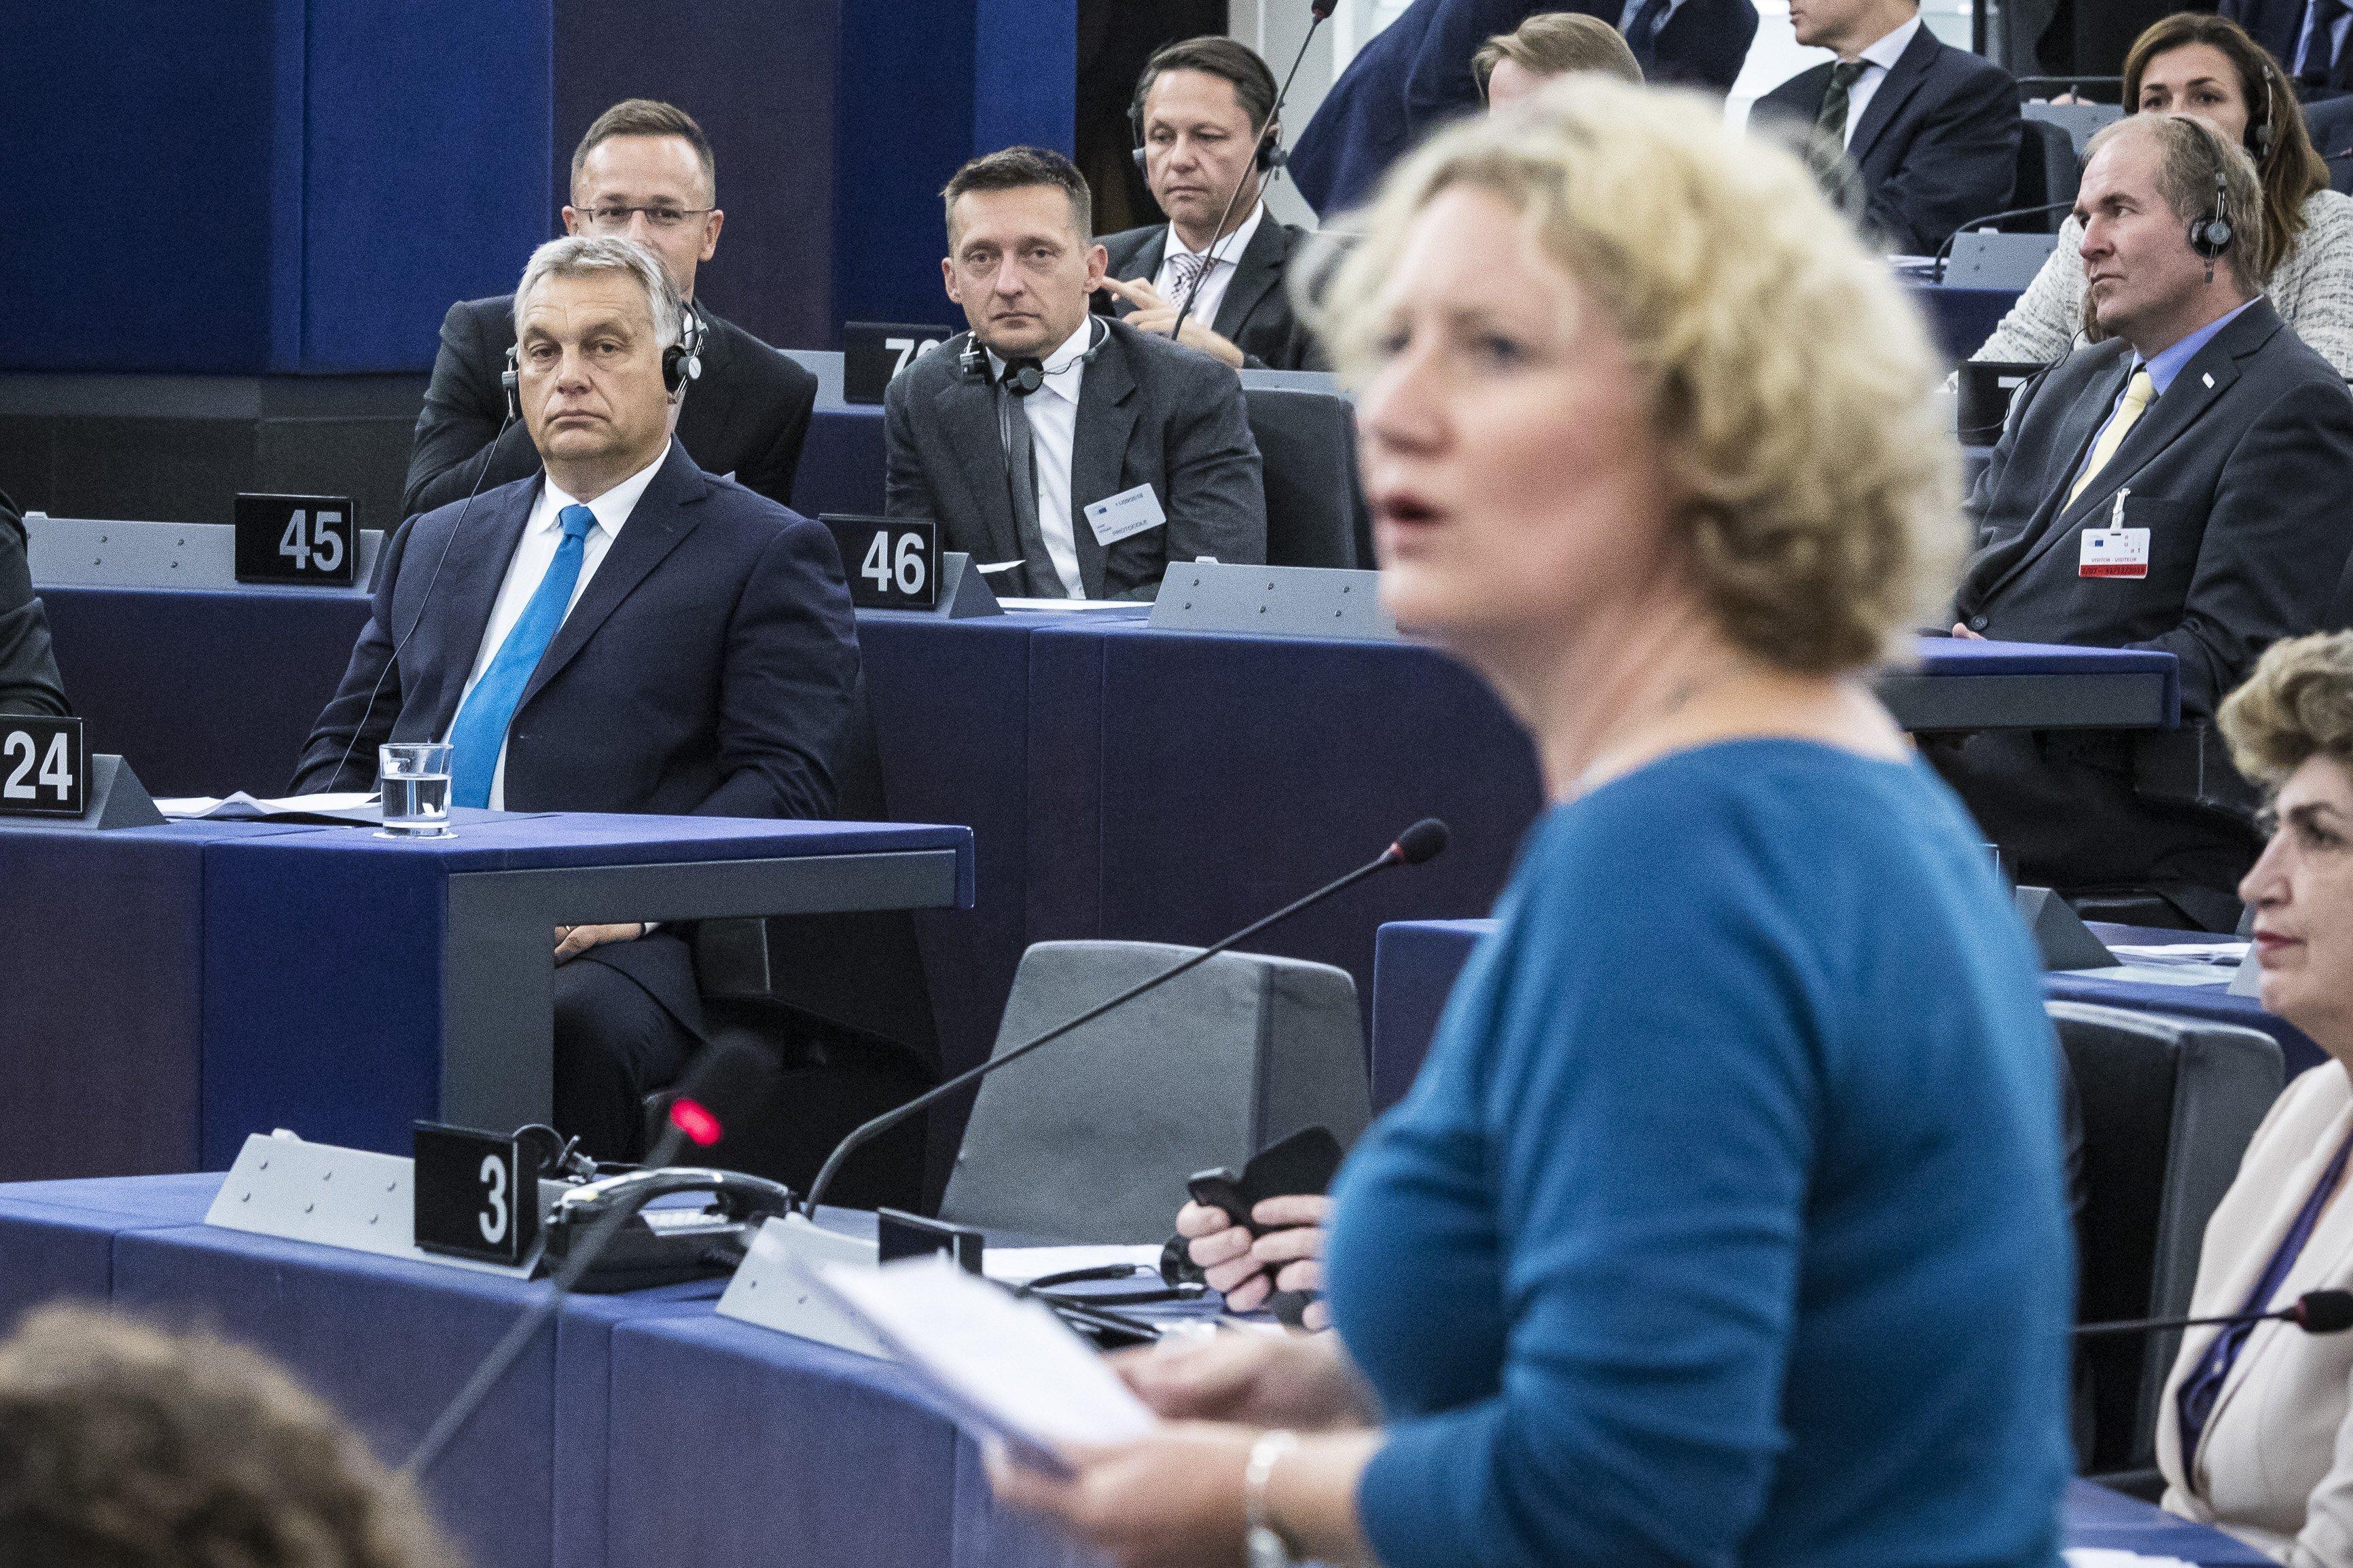 Sargentini nem mer Magyarországra jönni az ellene folytatott kampány miatt